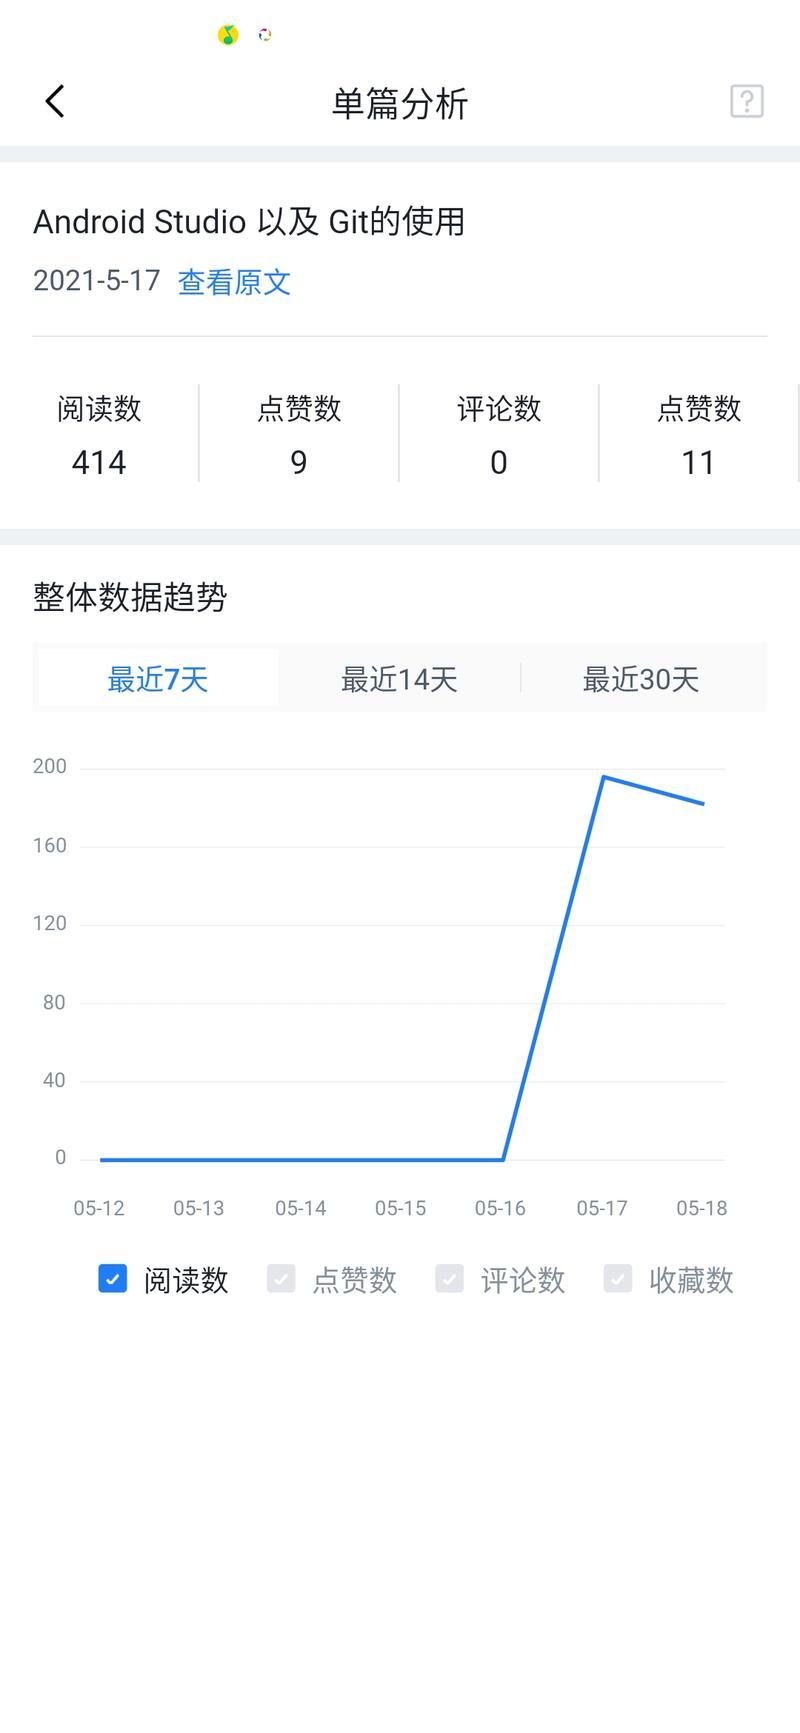 沐小枫于2021-05-19 10:24发布的图片